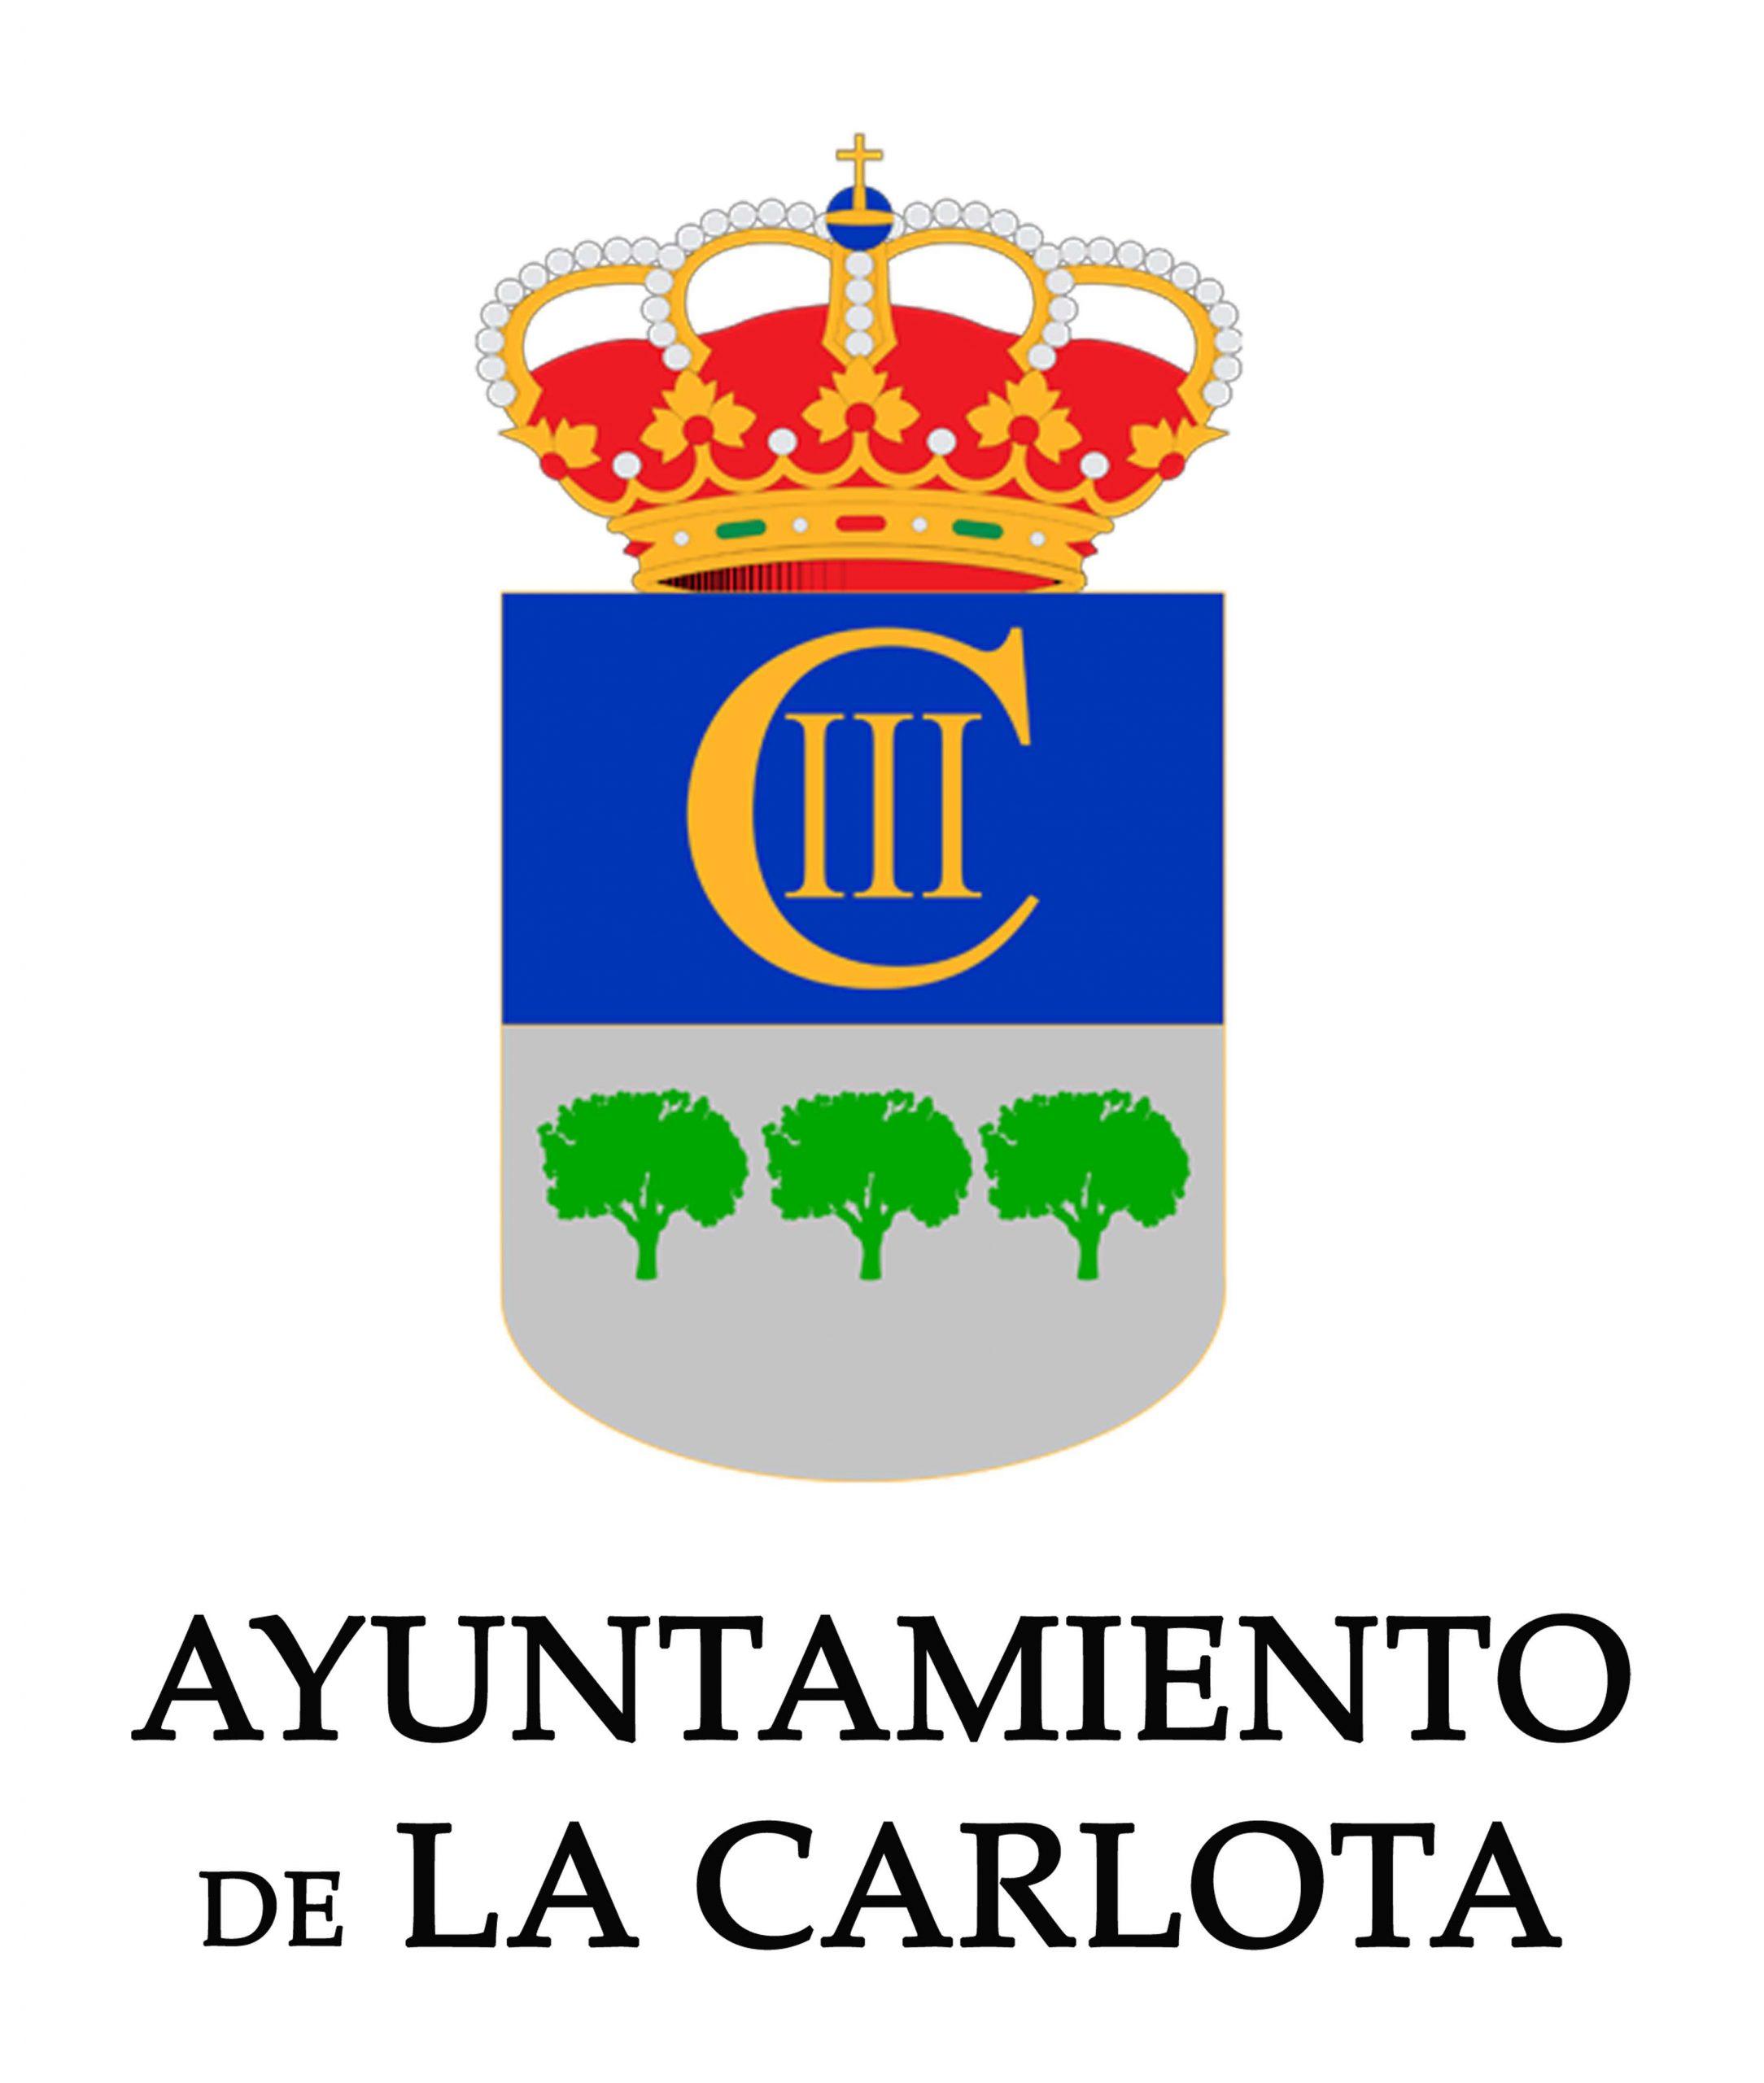 LA CARRERA DE ATLETISMO 'MEMORIAL JOAQUÍN SÁNCHEZ' DE LA CARLOTA SE SUSPENDE ANTE LA PANDEMIA DEL COVID-19 1